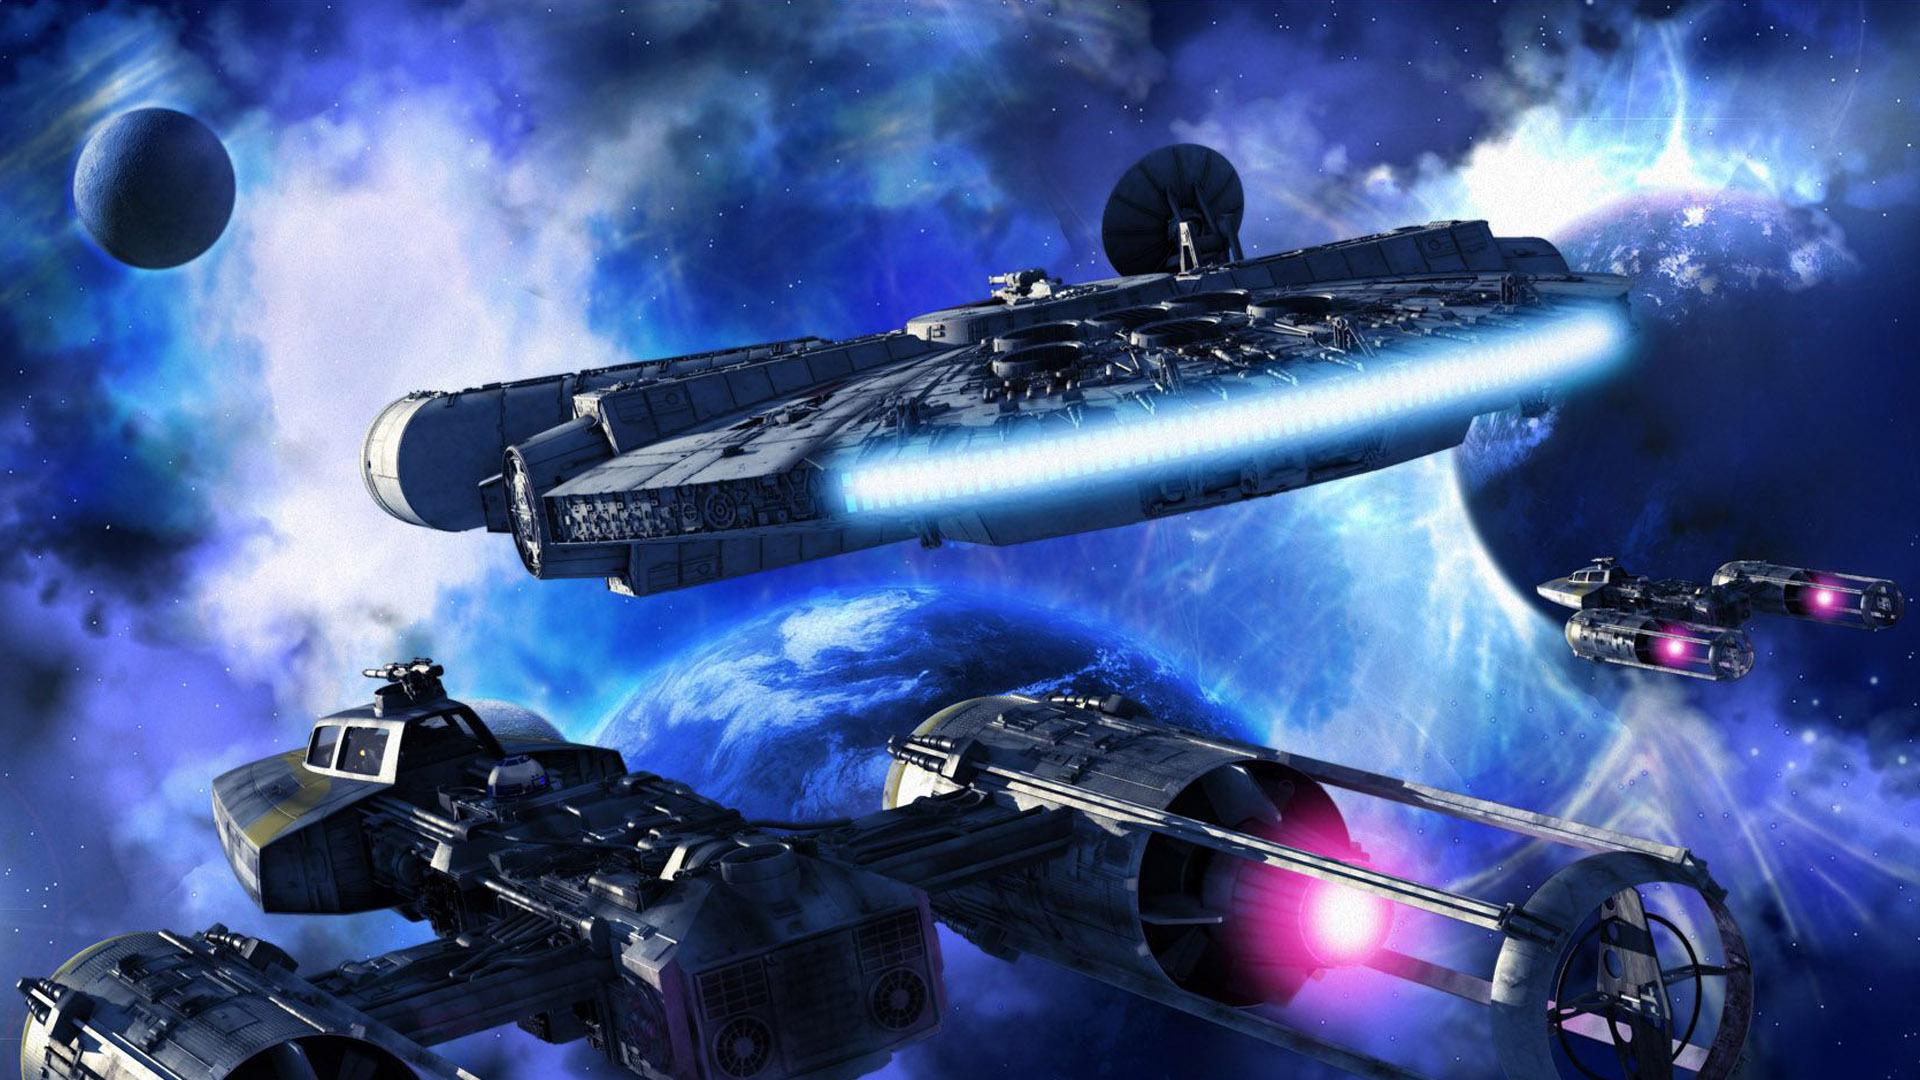 Star Wars Universe 2 Mod For Gratuitous Space Battles